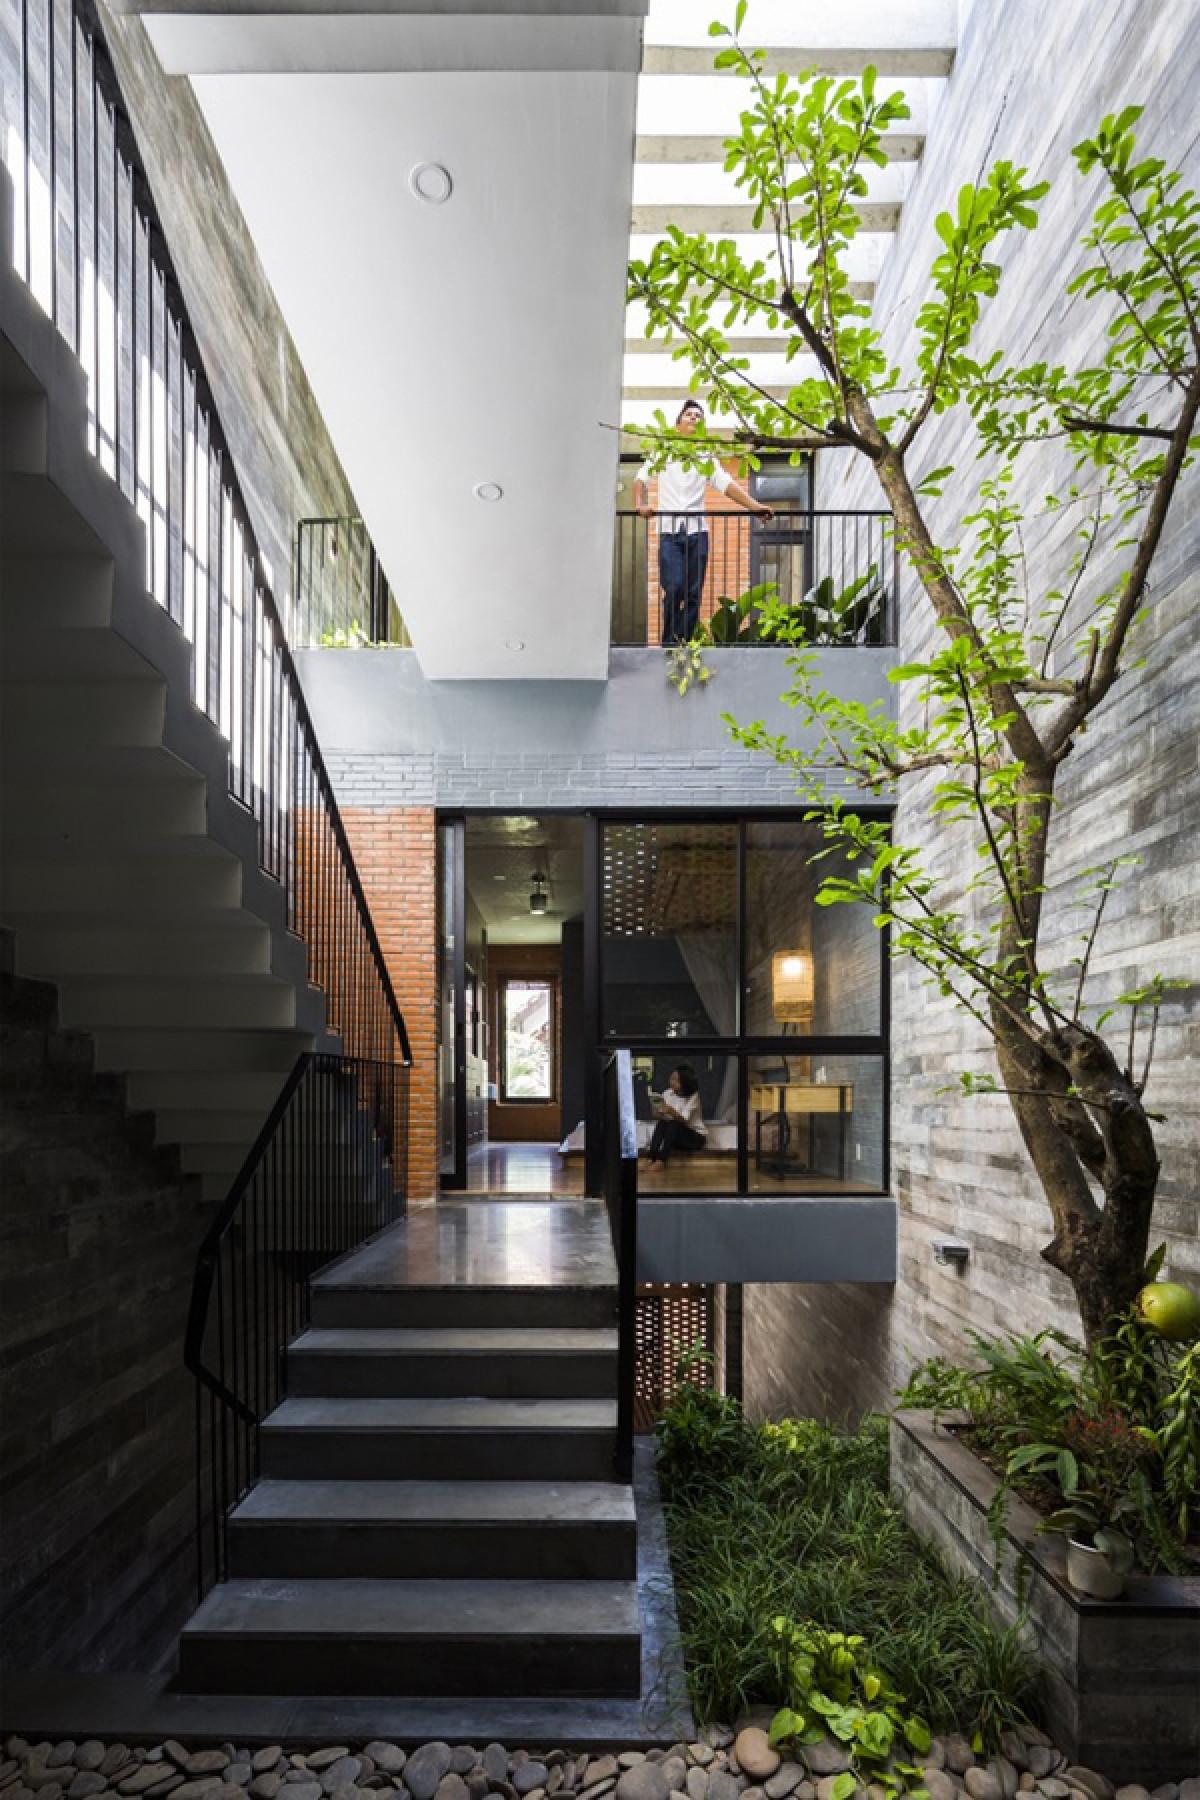 Cầu thang được bố trí bên cạnh giếng trời. Cấu trúc trải dài của cầu thang, hành lang càng làm không gian thêm rộng thoáng.